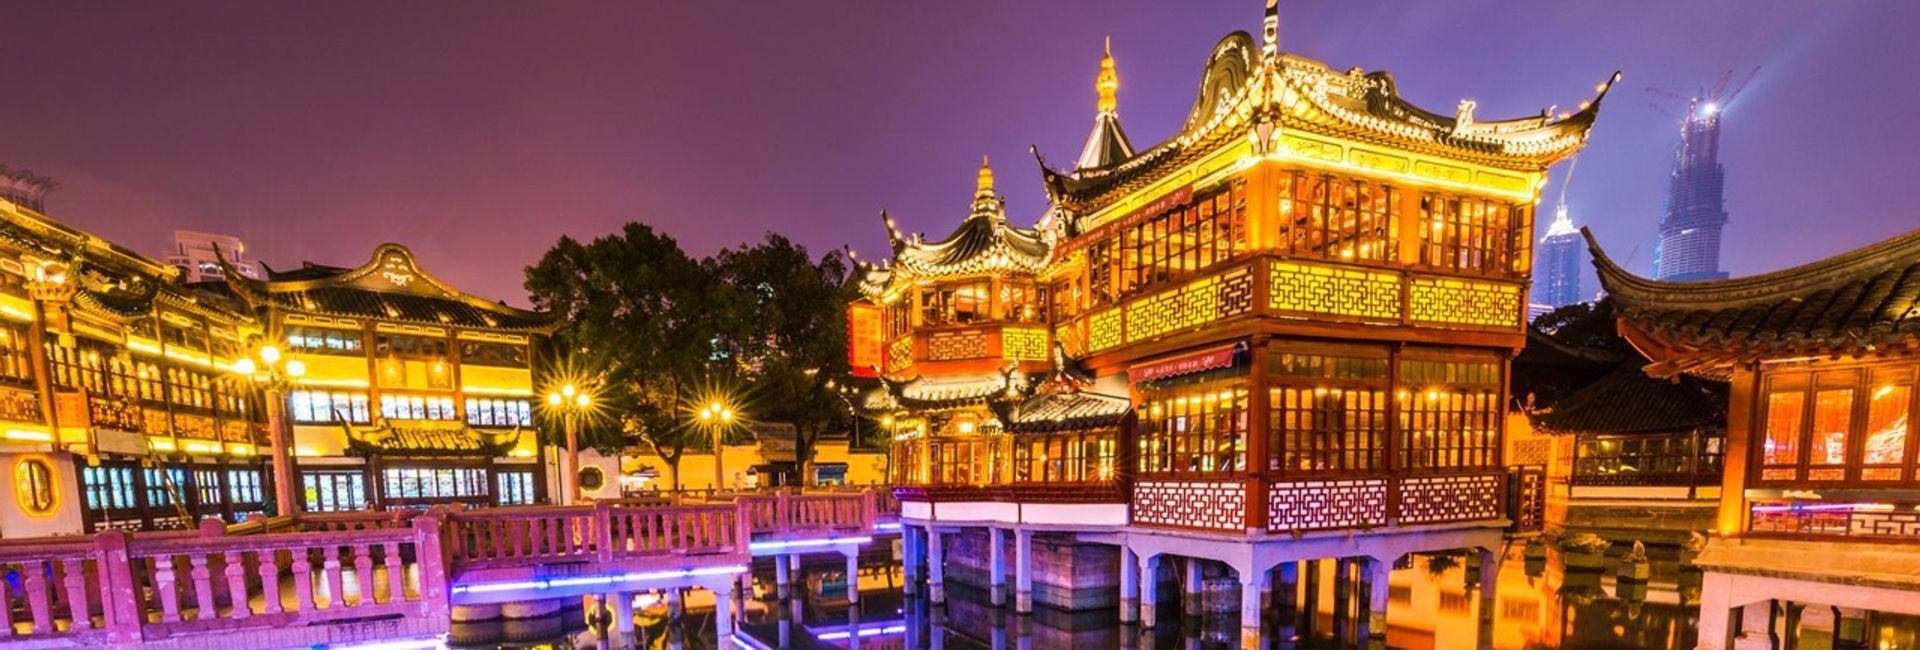 Top 8 địa điểm du lịch nổi bật nhất Thượng Hải, Trung Quốc